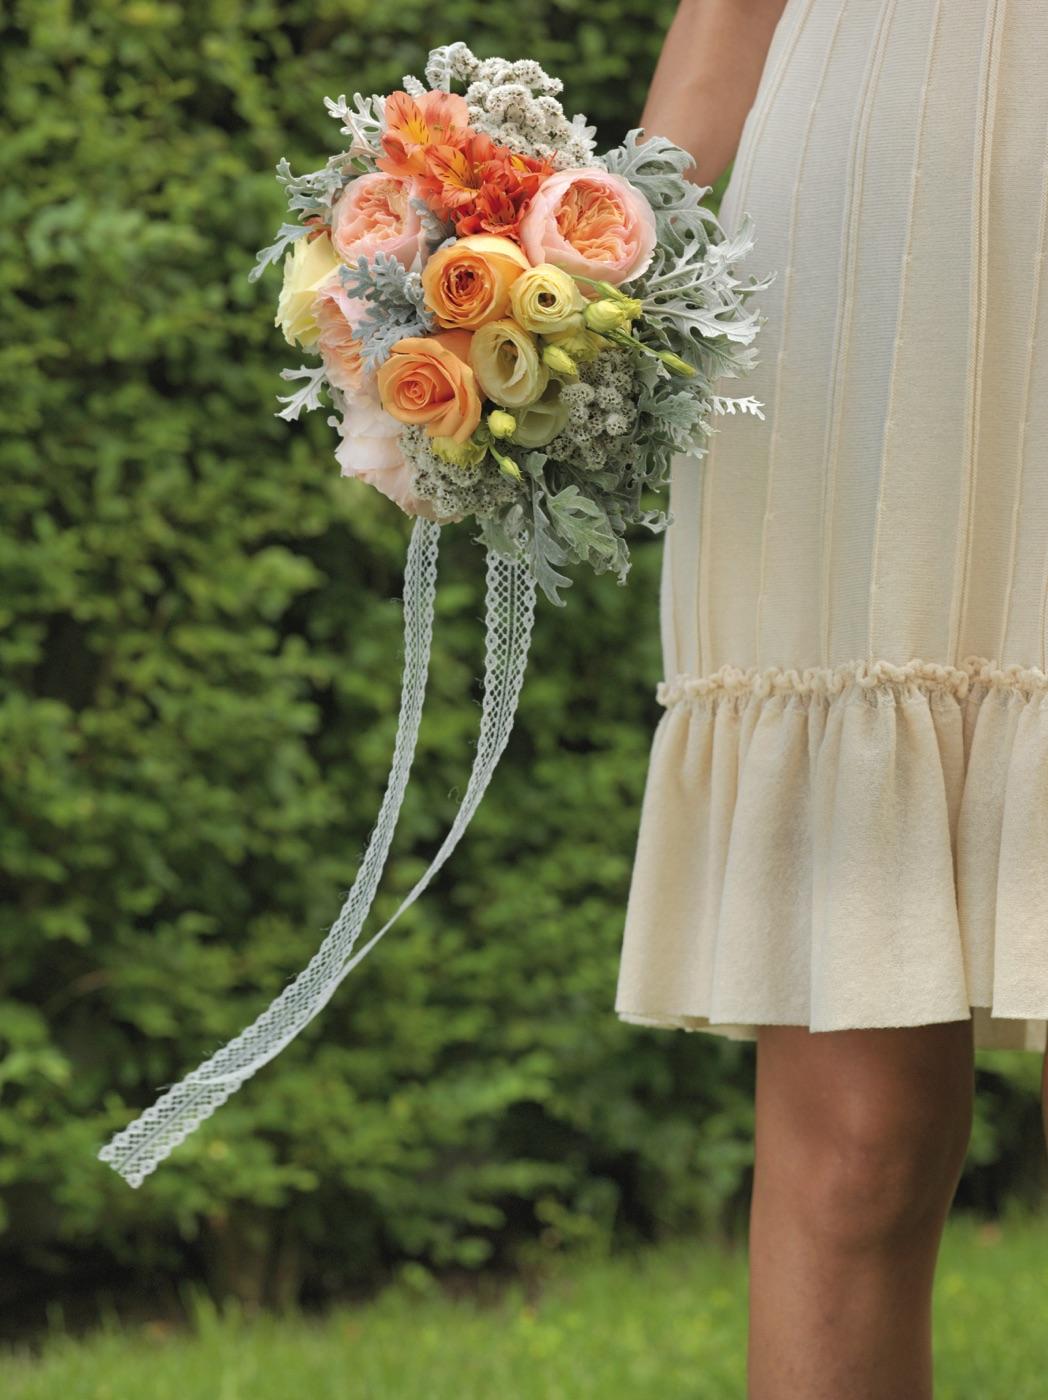 Nastri da sposa e cerimonia